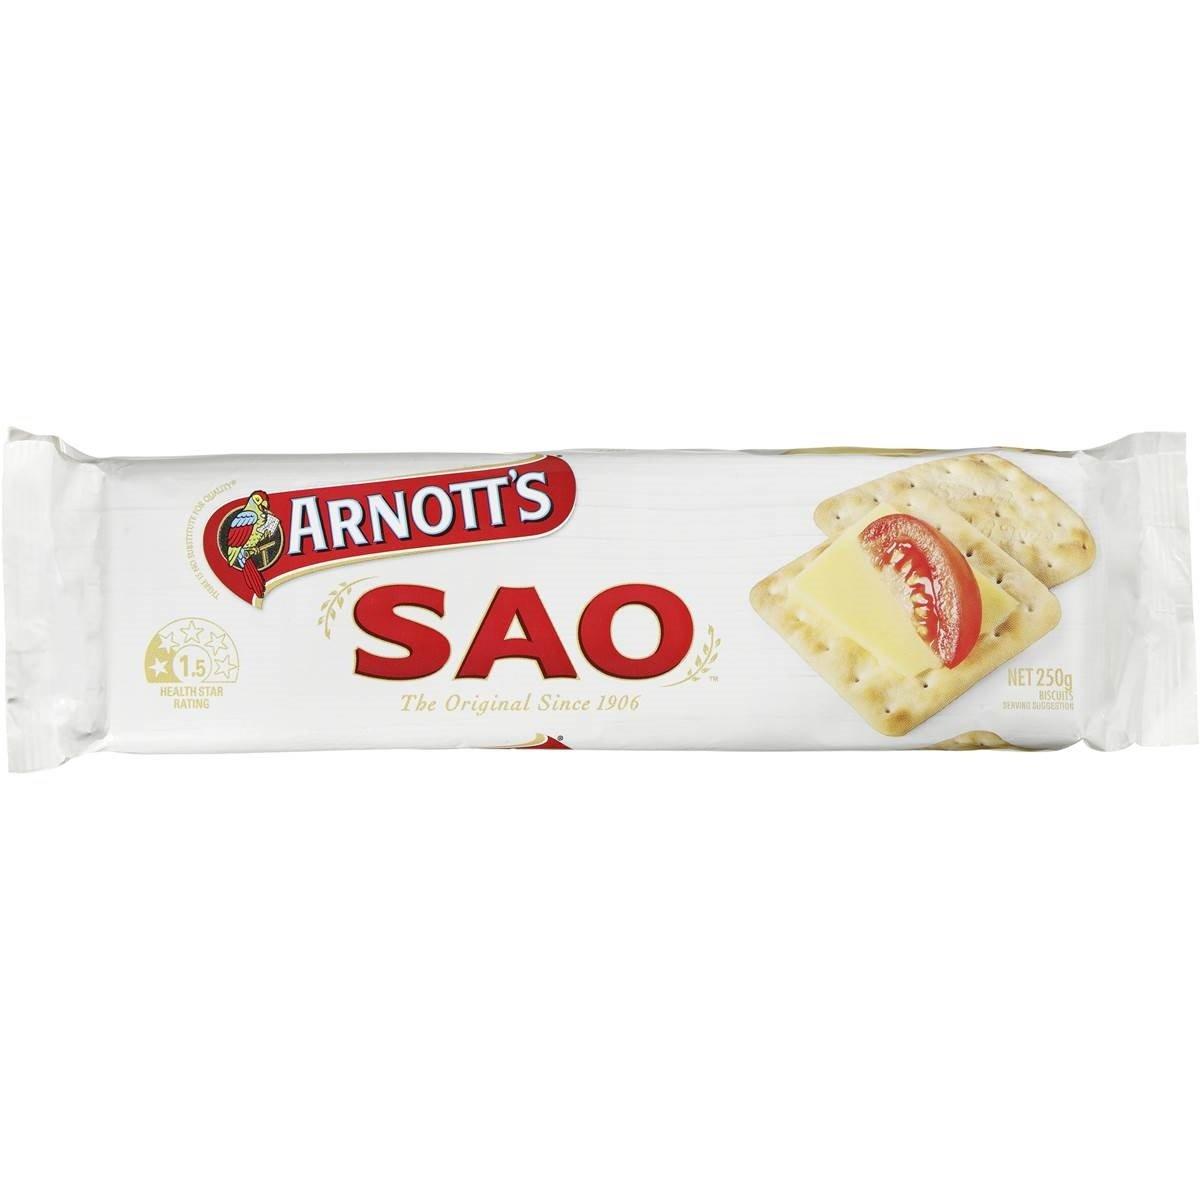 Arnotts Sao 250g